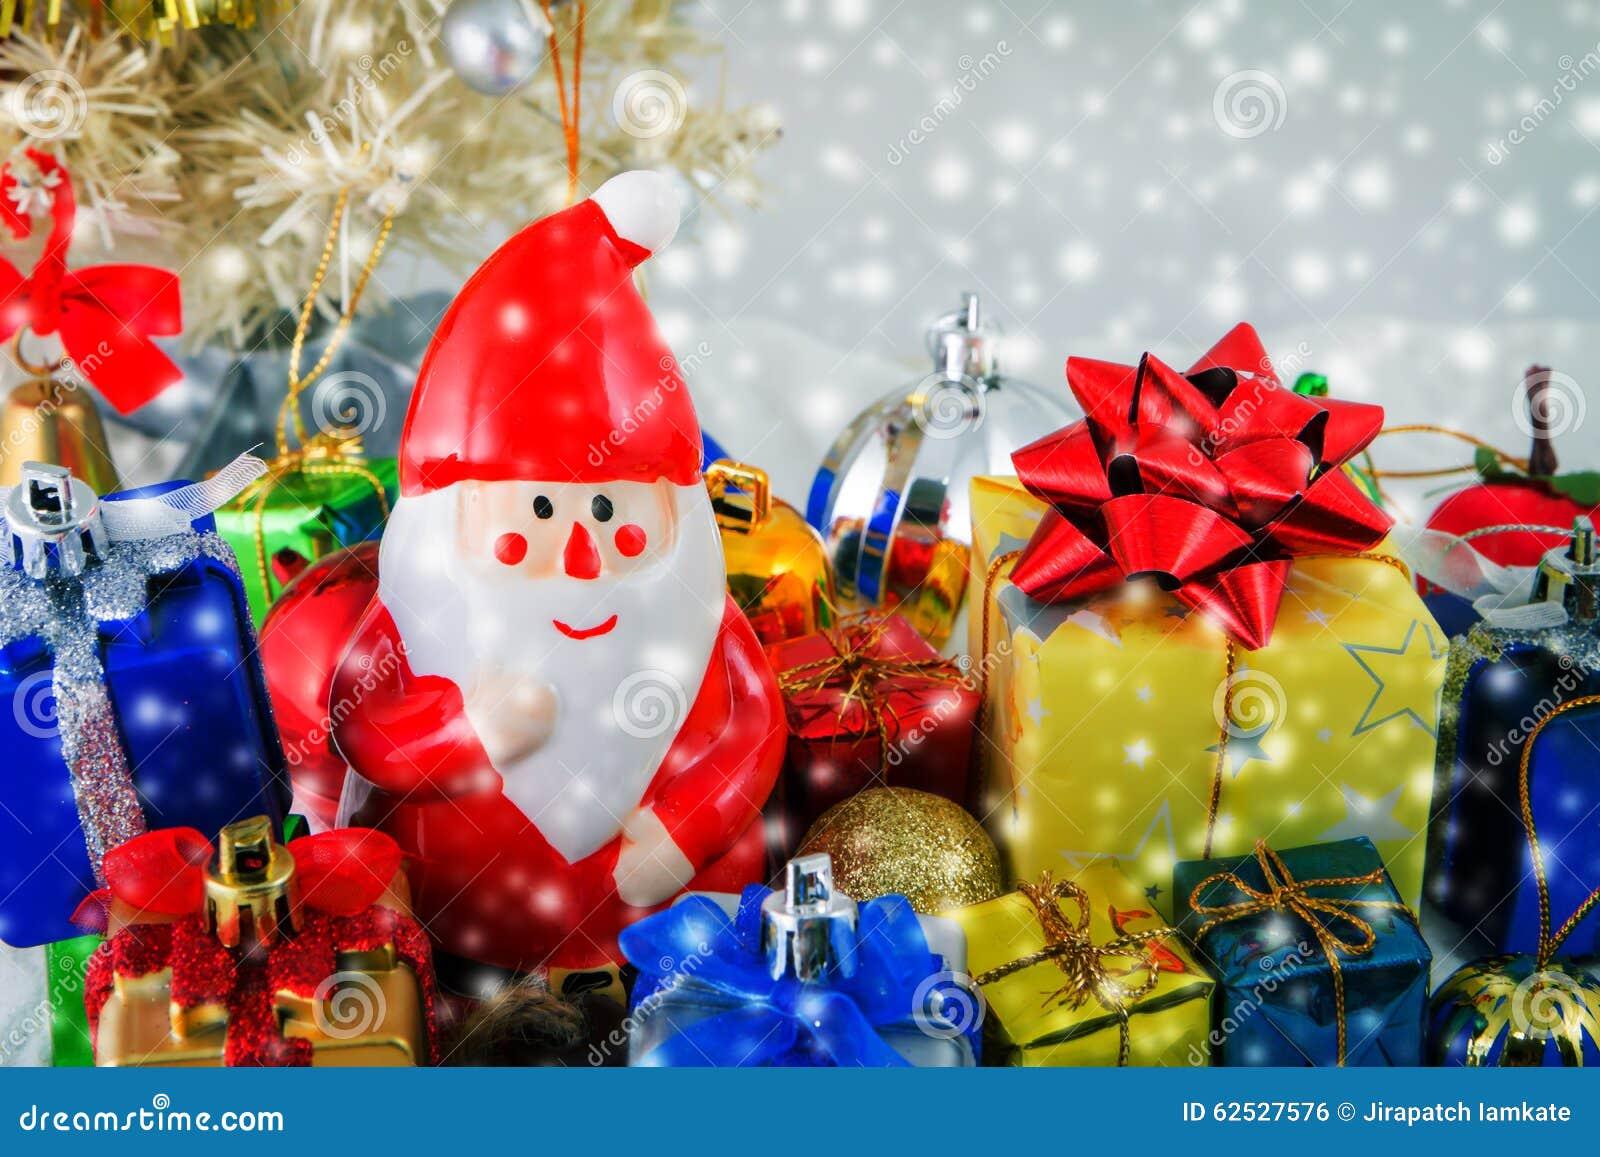 抽象空白背景圣诞节黑暗的装饰设计模式红色的星形